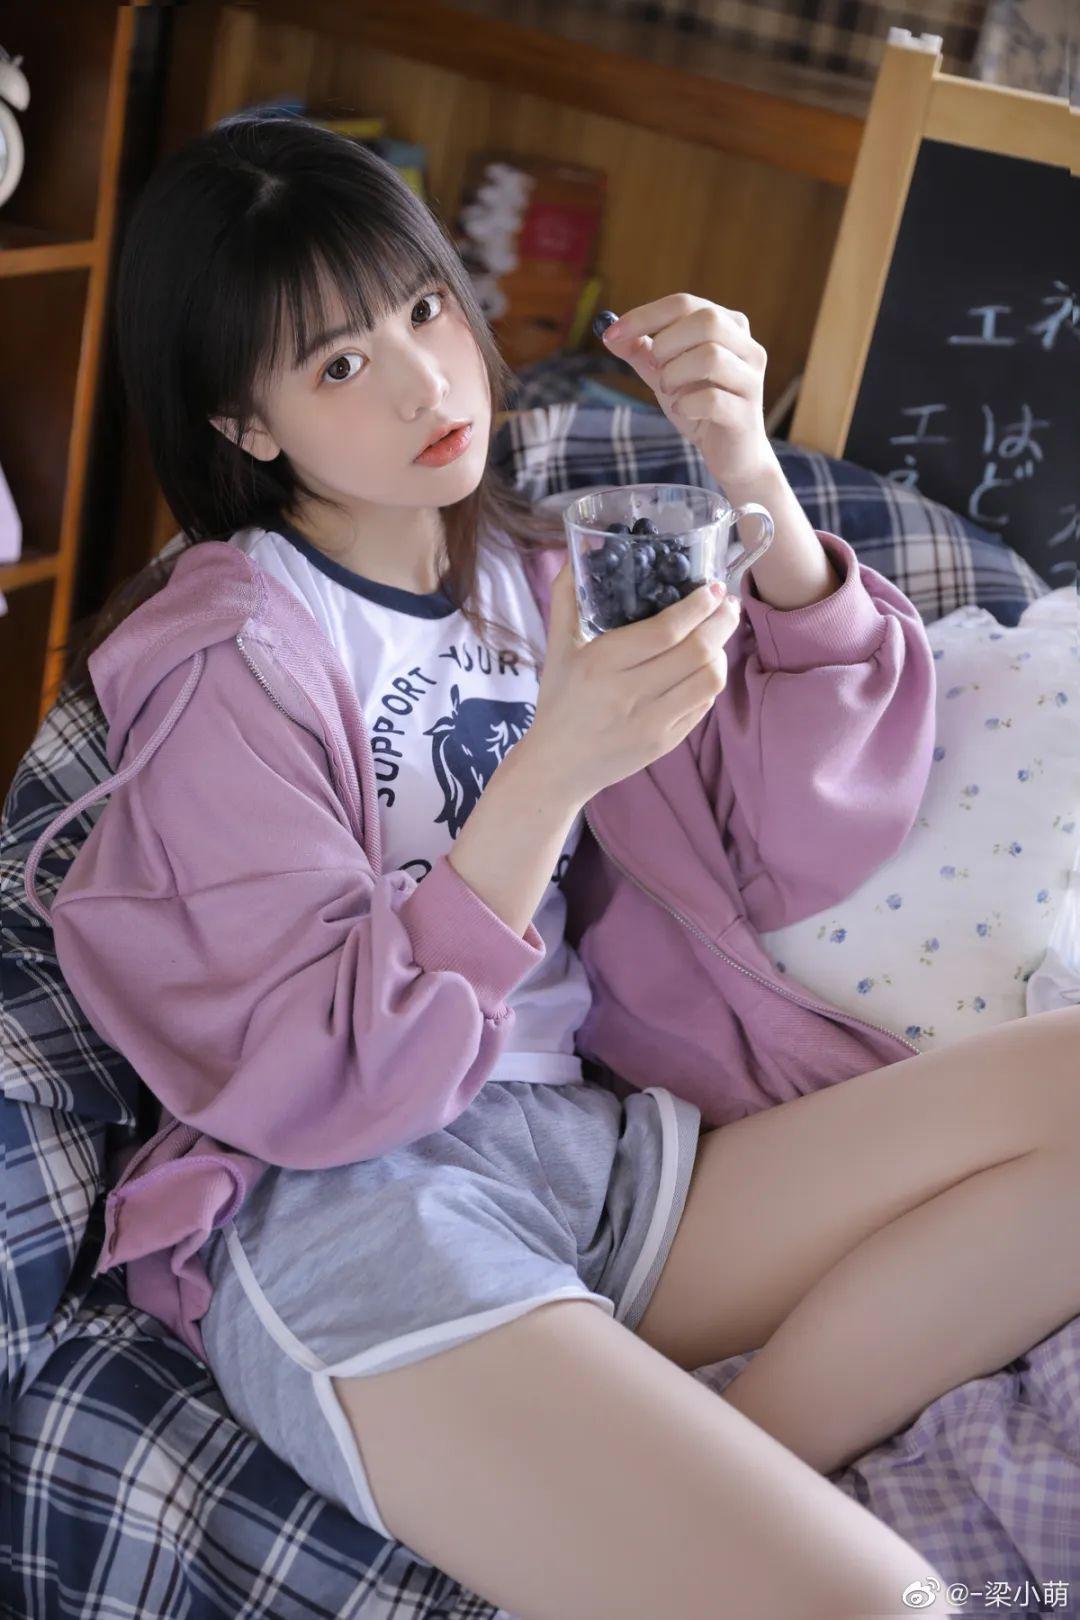 妹子摄影 – 带着娇嗔表情的丝袜美腿少女_图片 No.3